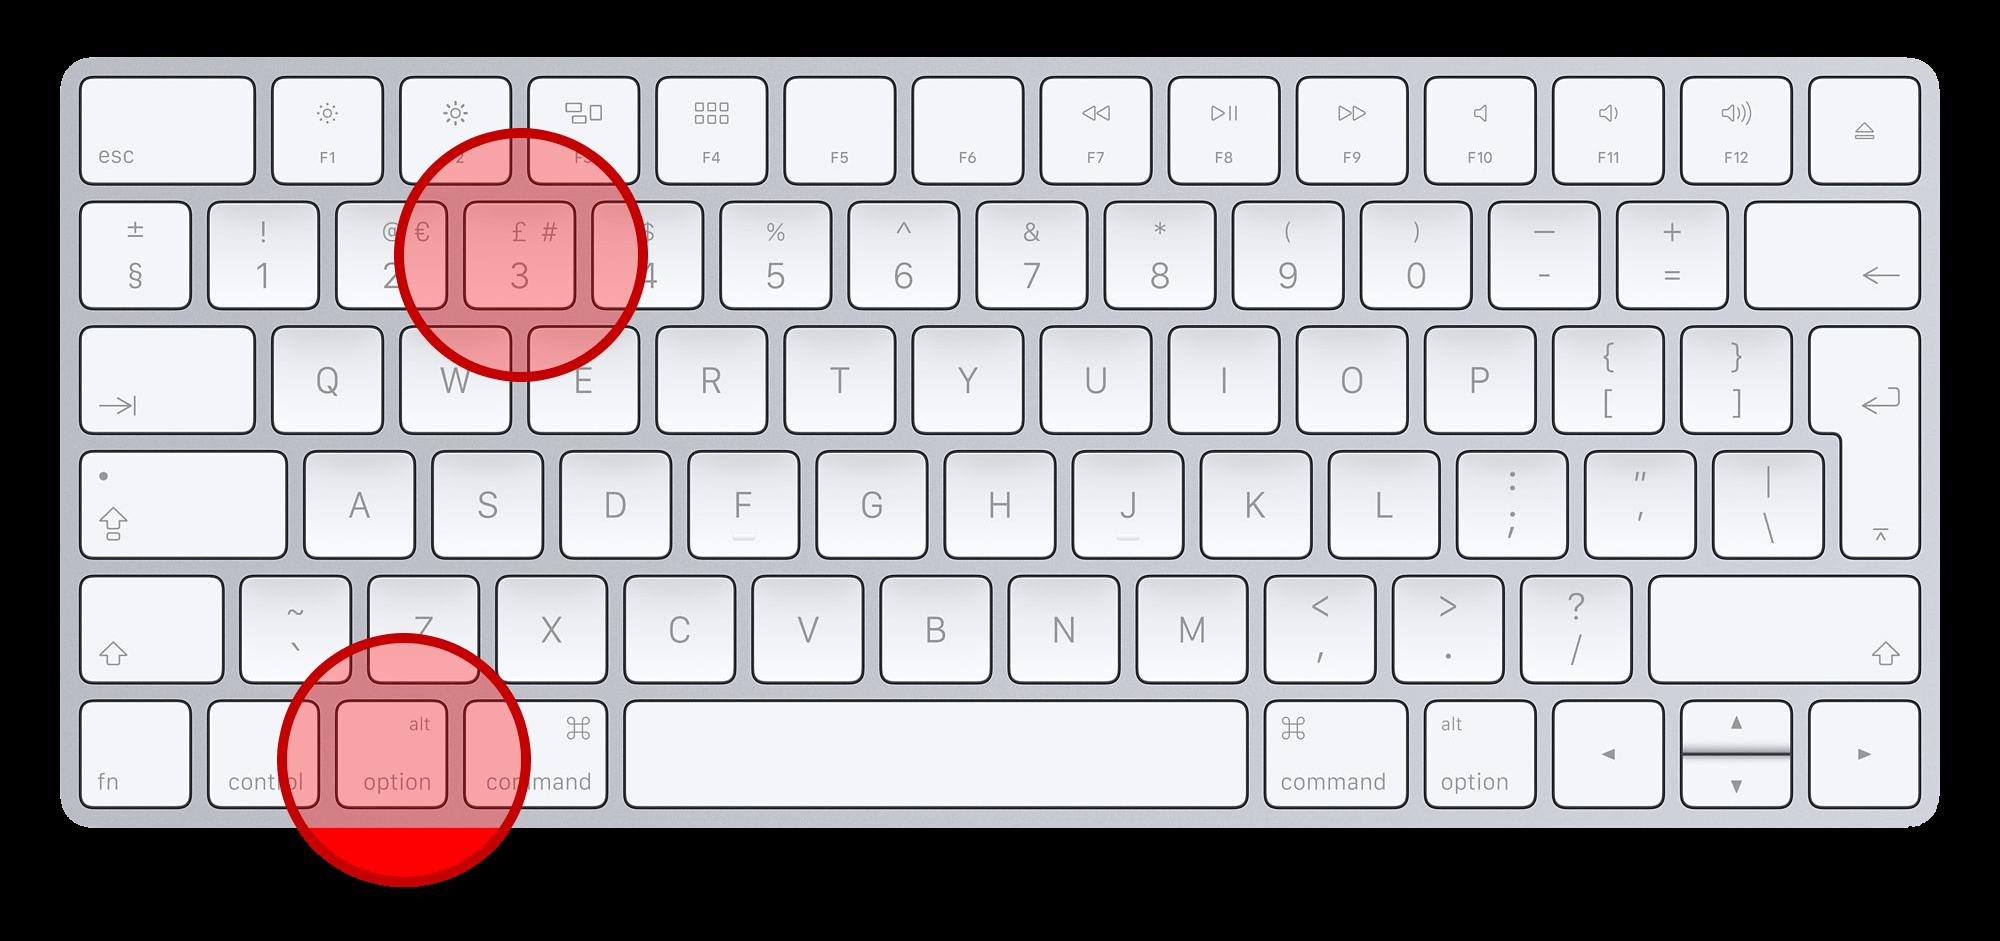 Как сделать скриншот на мак клавиатуре